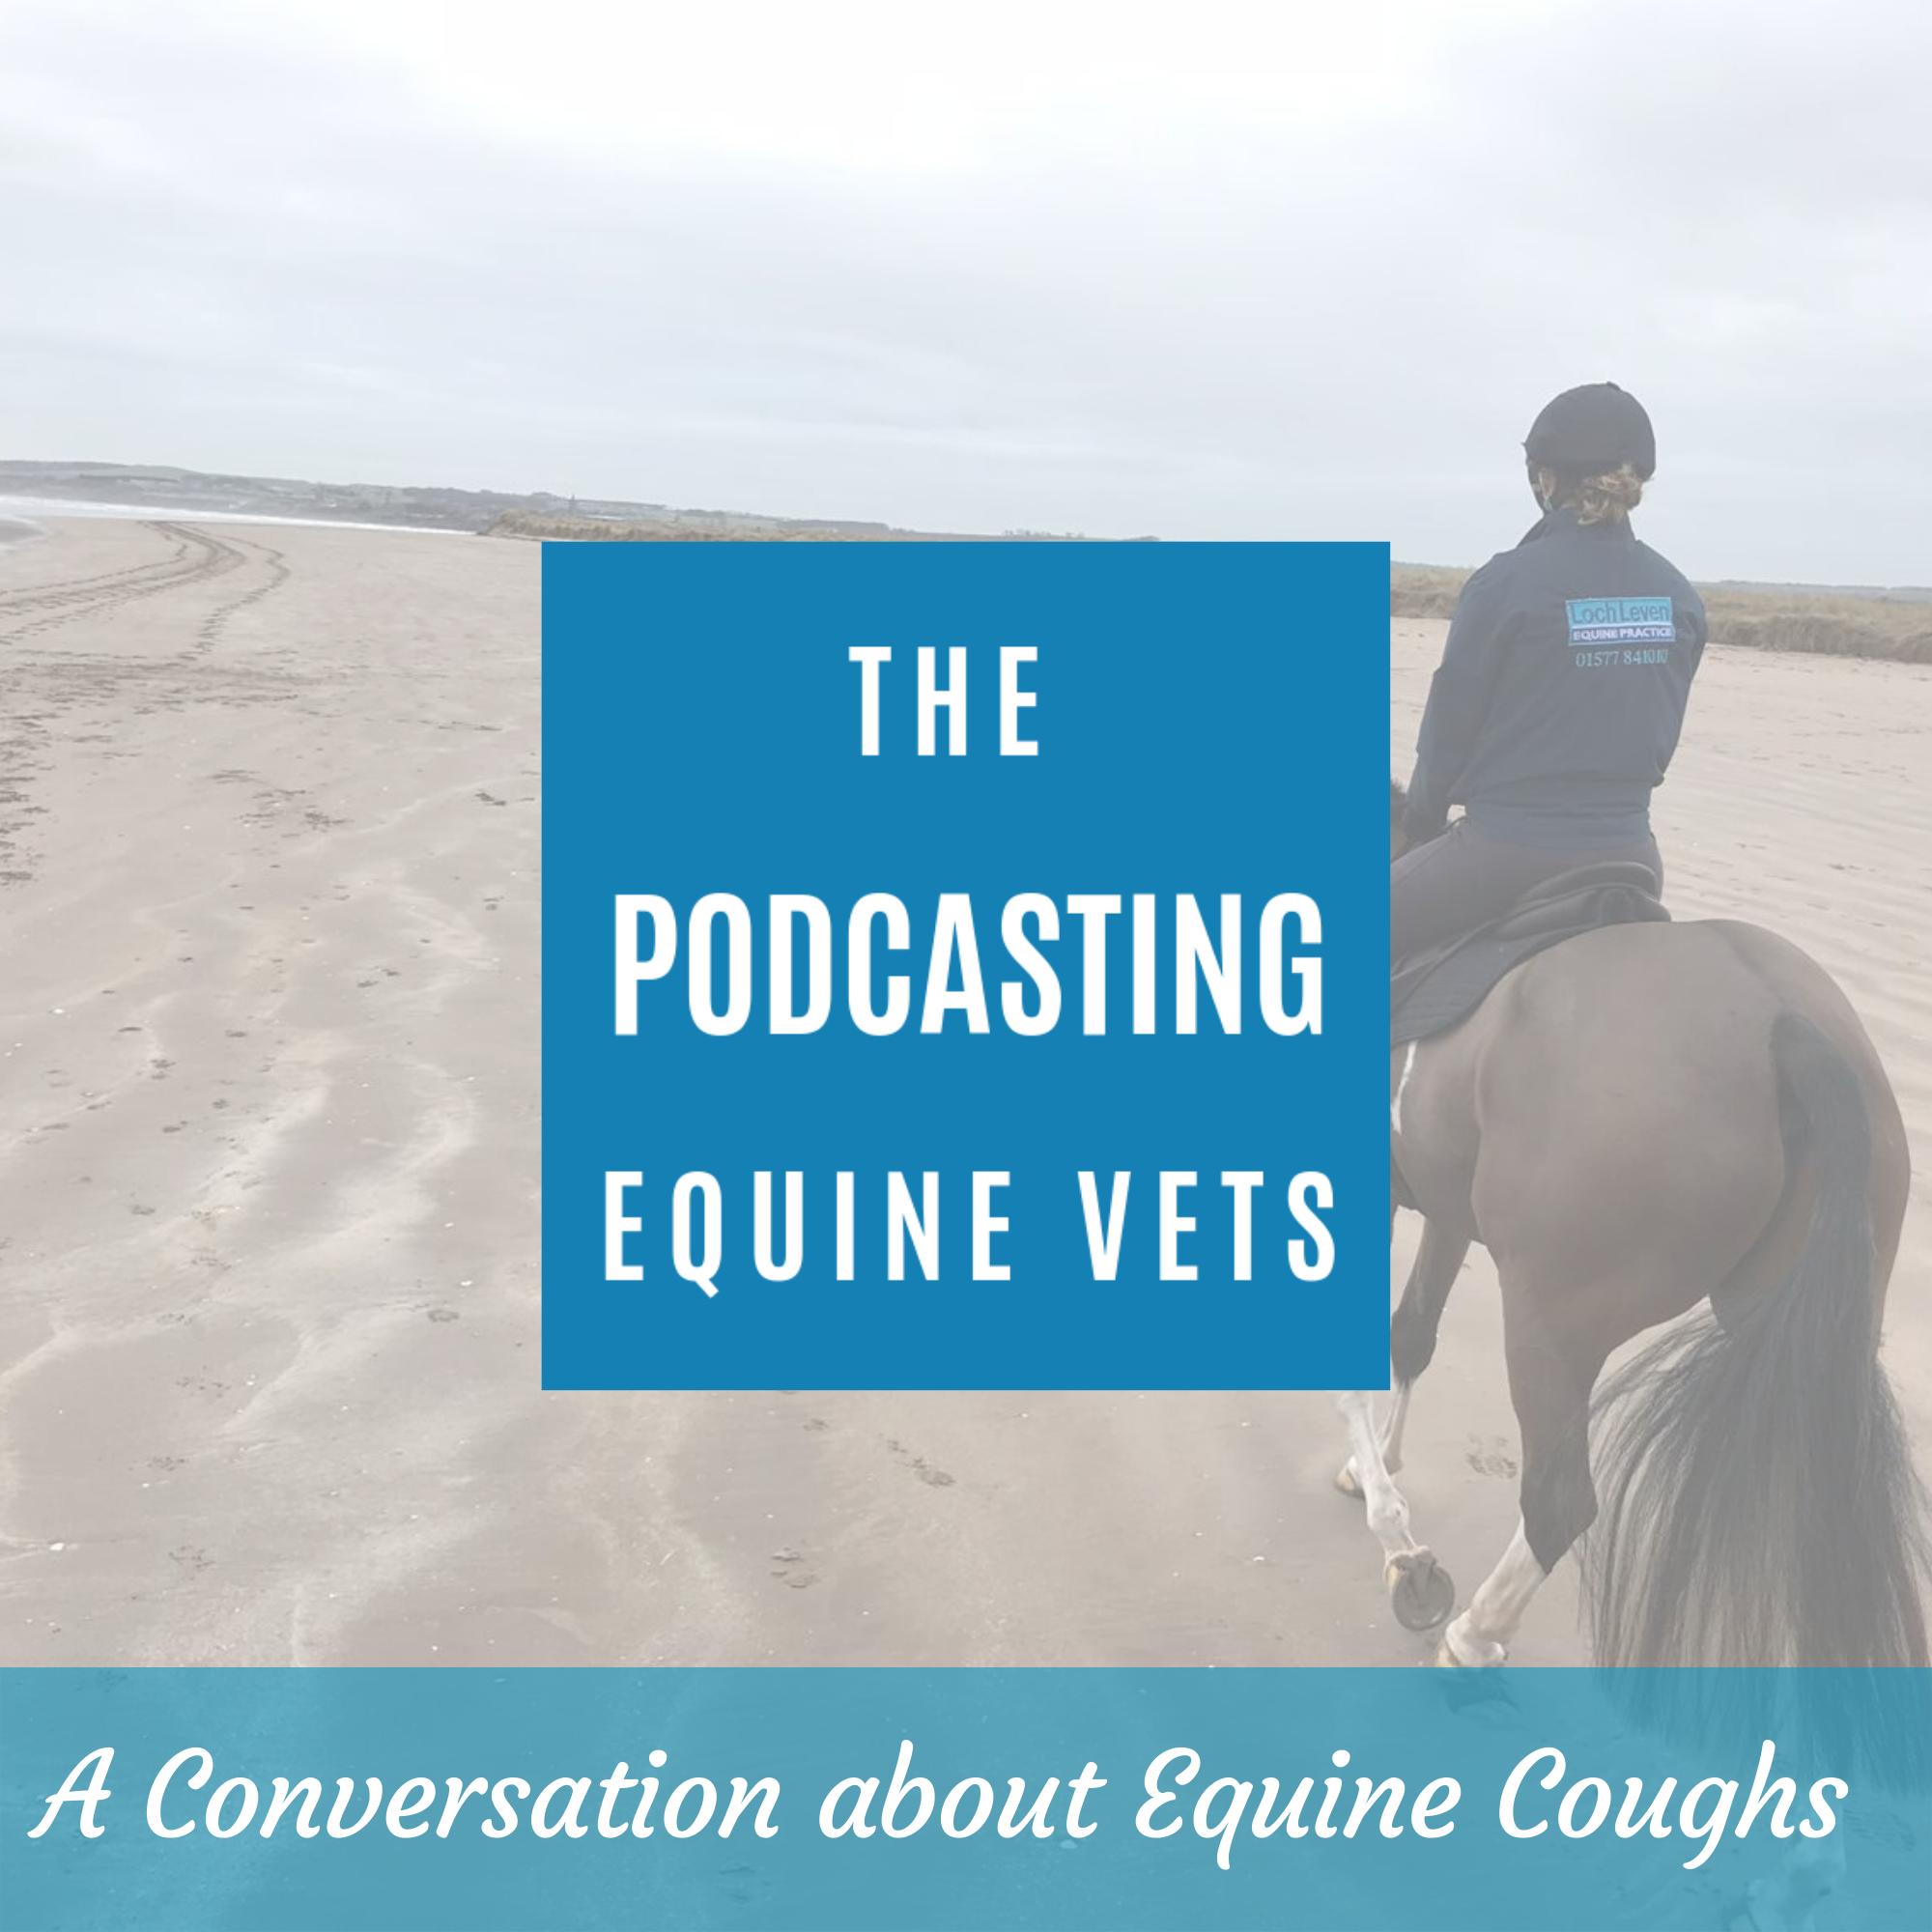 A Conversation About Equine Coughs